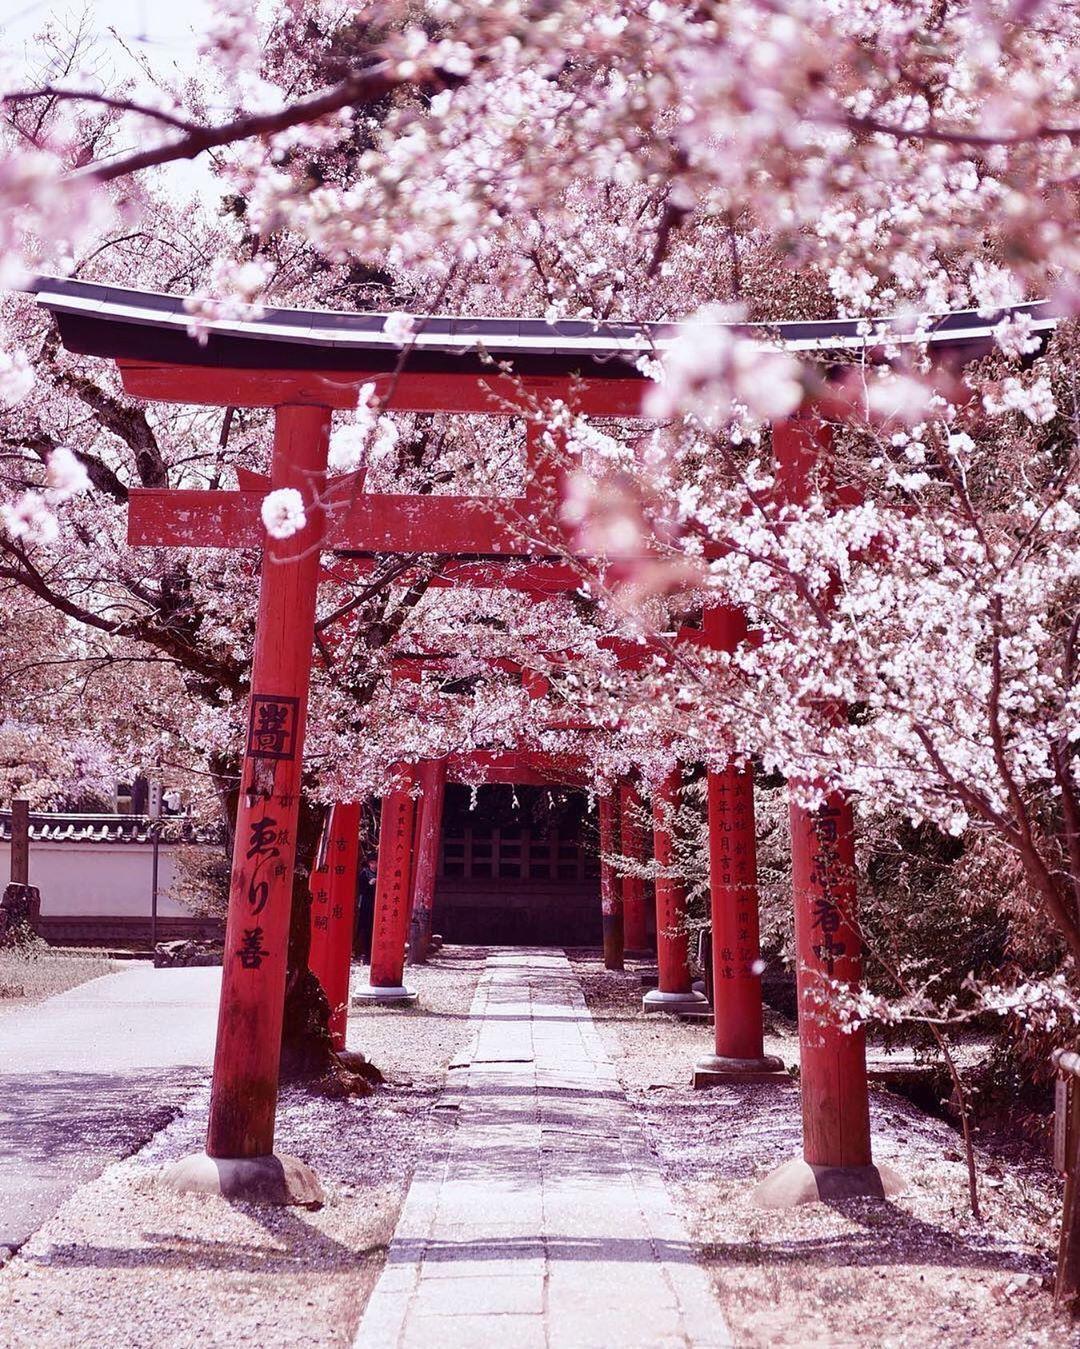 Tankensurutokyo Les Plus Beaux Sites A Visiter A Tokyo Au Japon Voyage Au Japon Pas Cher En Reservant Japan Photography Aesthetic Japan Cherry Blossom Japan